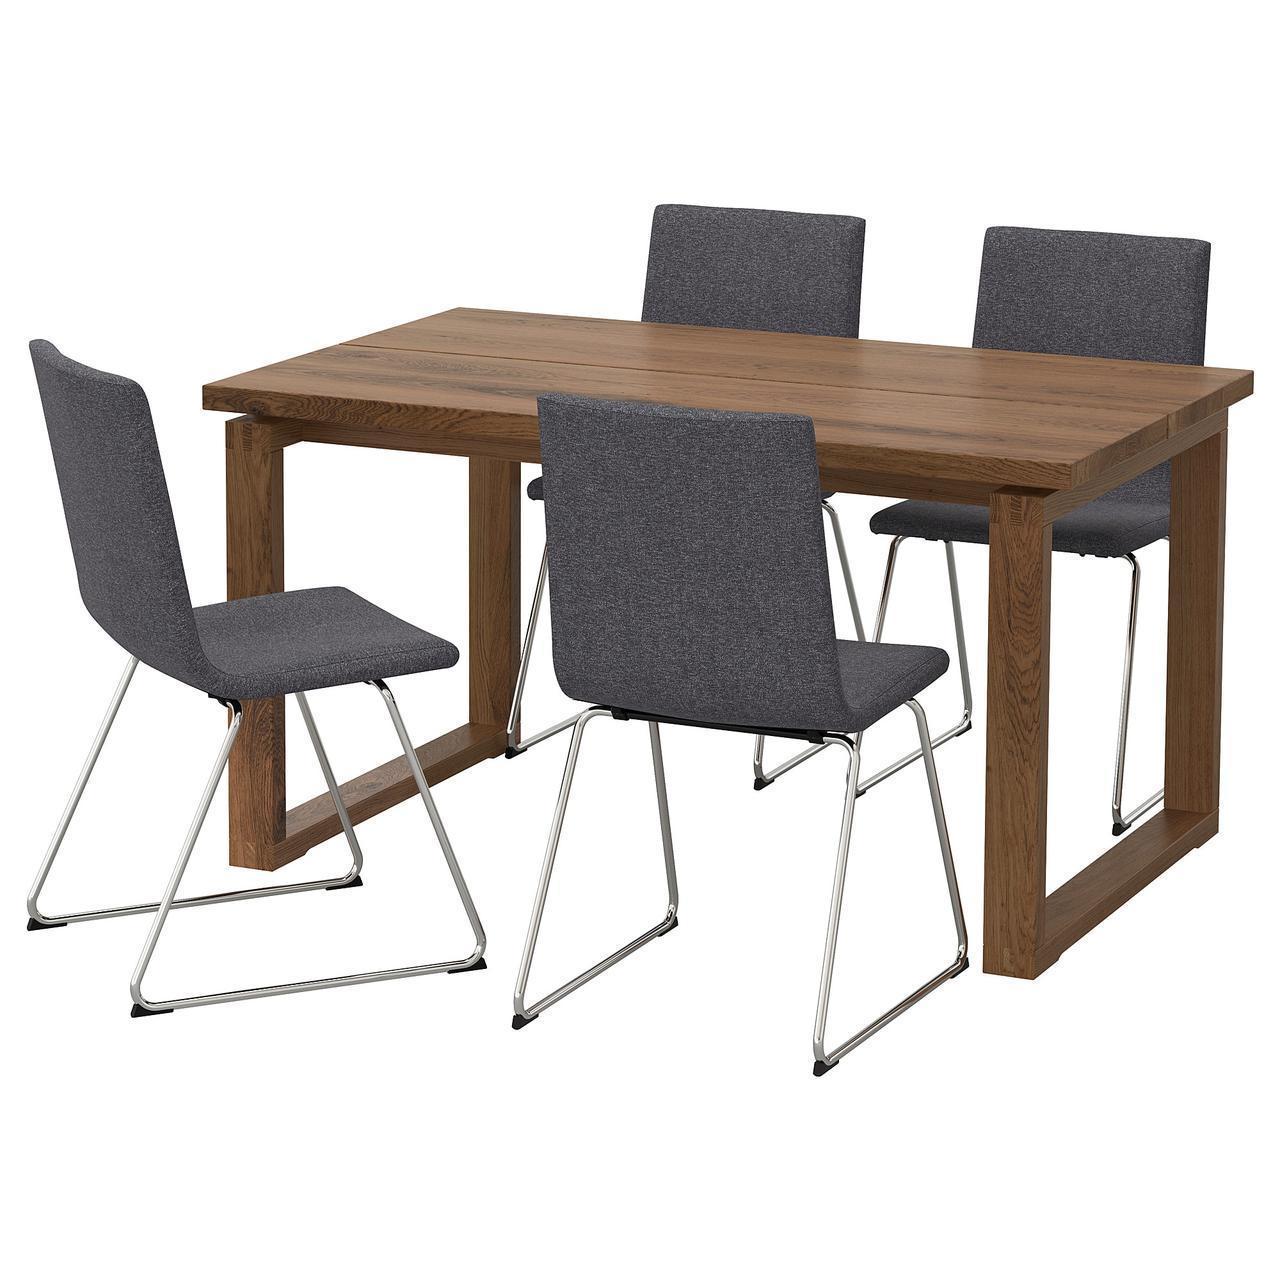 Комплект для кухни (стол и 4 стула) IKEA MÖRBYLÅNGA / VOLFGANG 140x85 см Gunnared коричневый серый 892.598.40